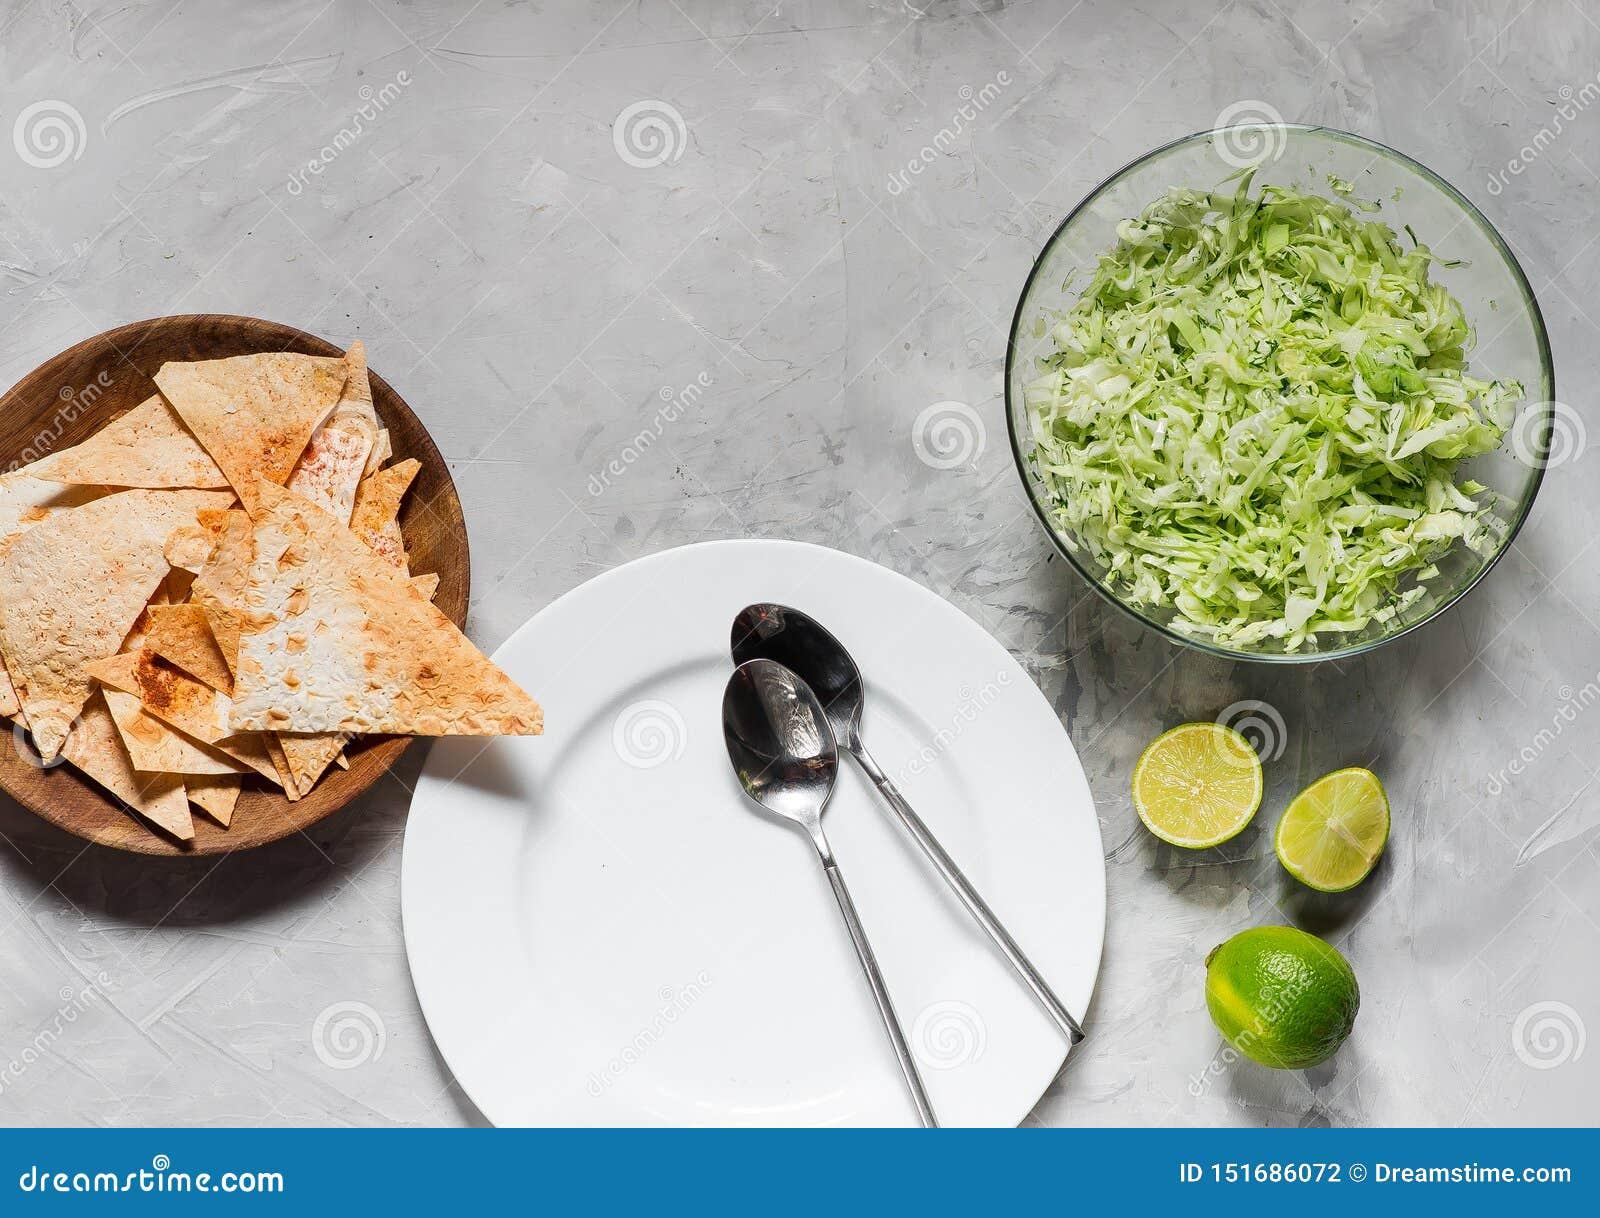 Witte plaat met soeplepels, spaanders en salade van verse kool met greens